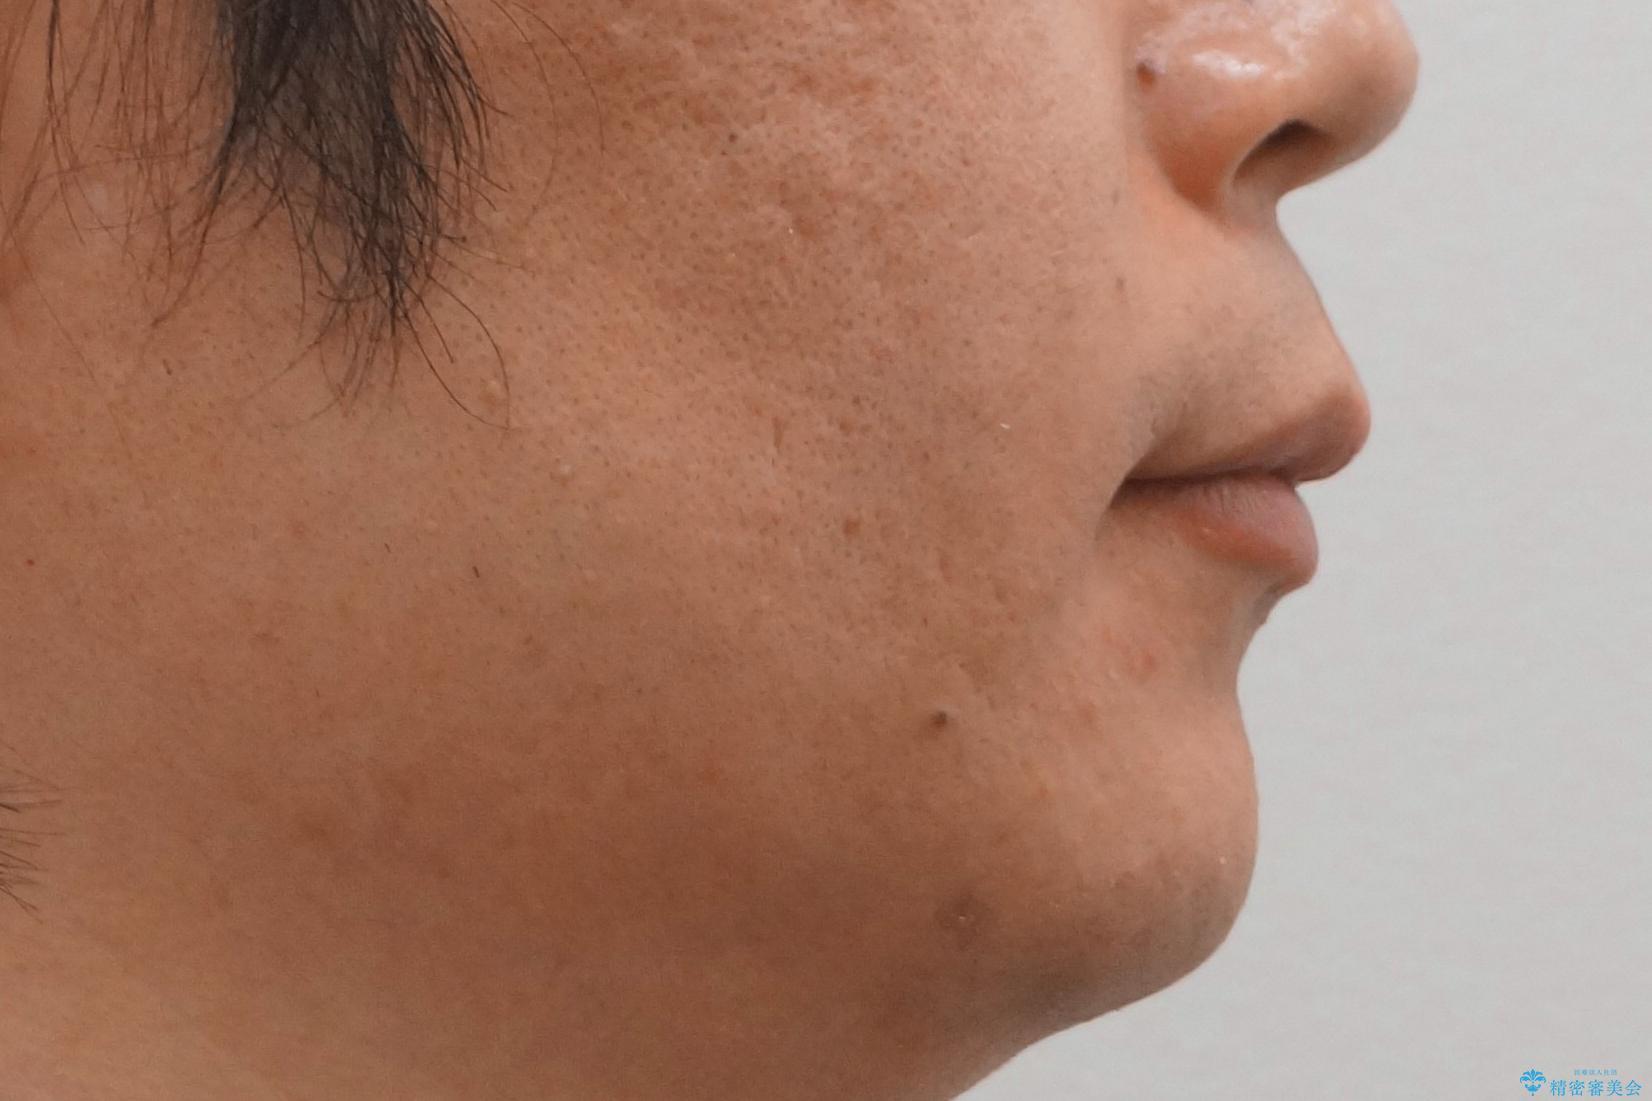 前歯のねじれを 1年かけずに矯正 インビザラインの治療後(顔貌)